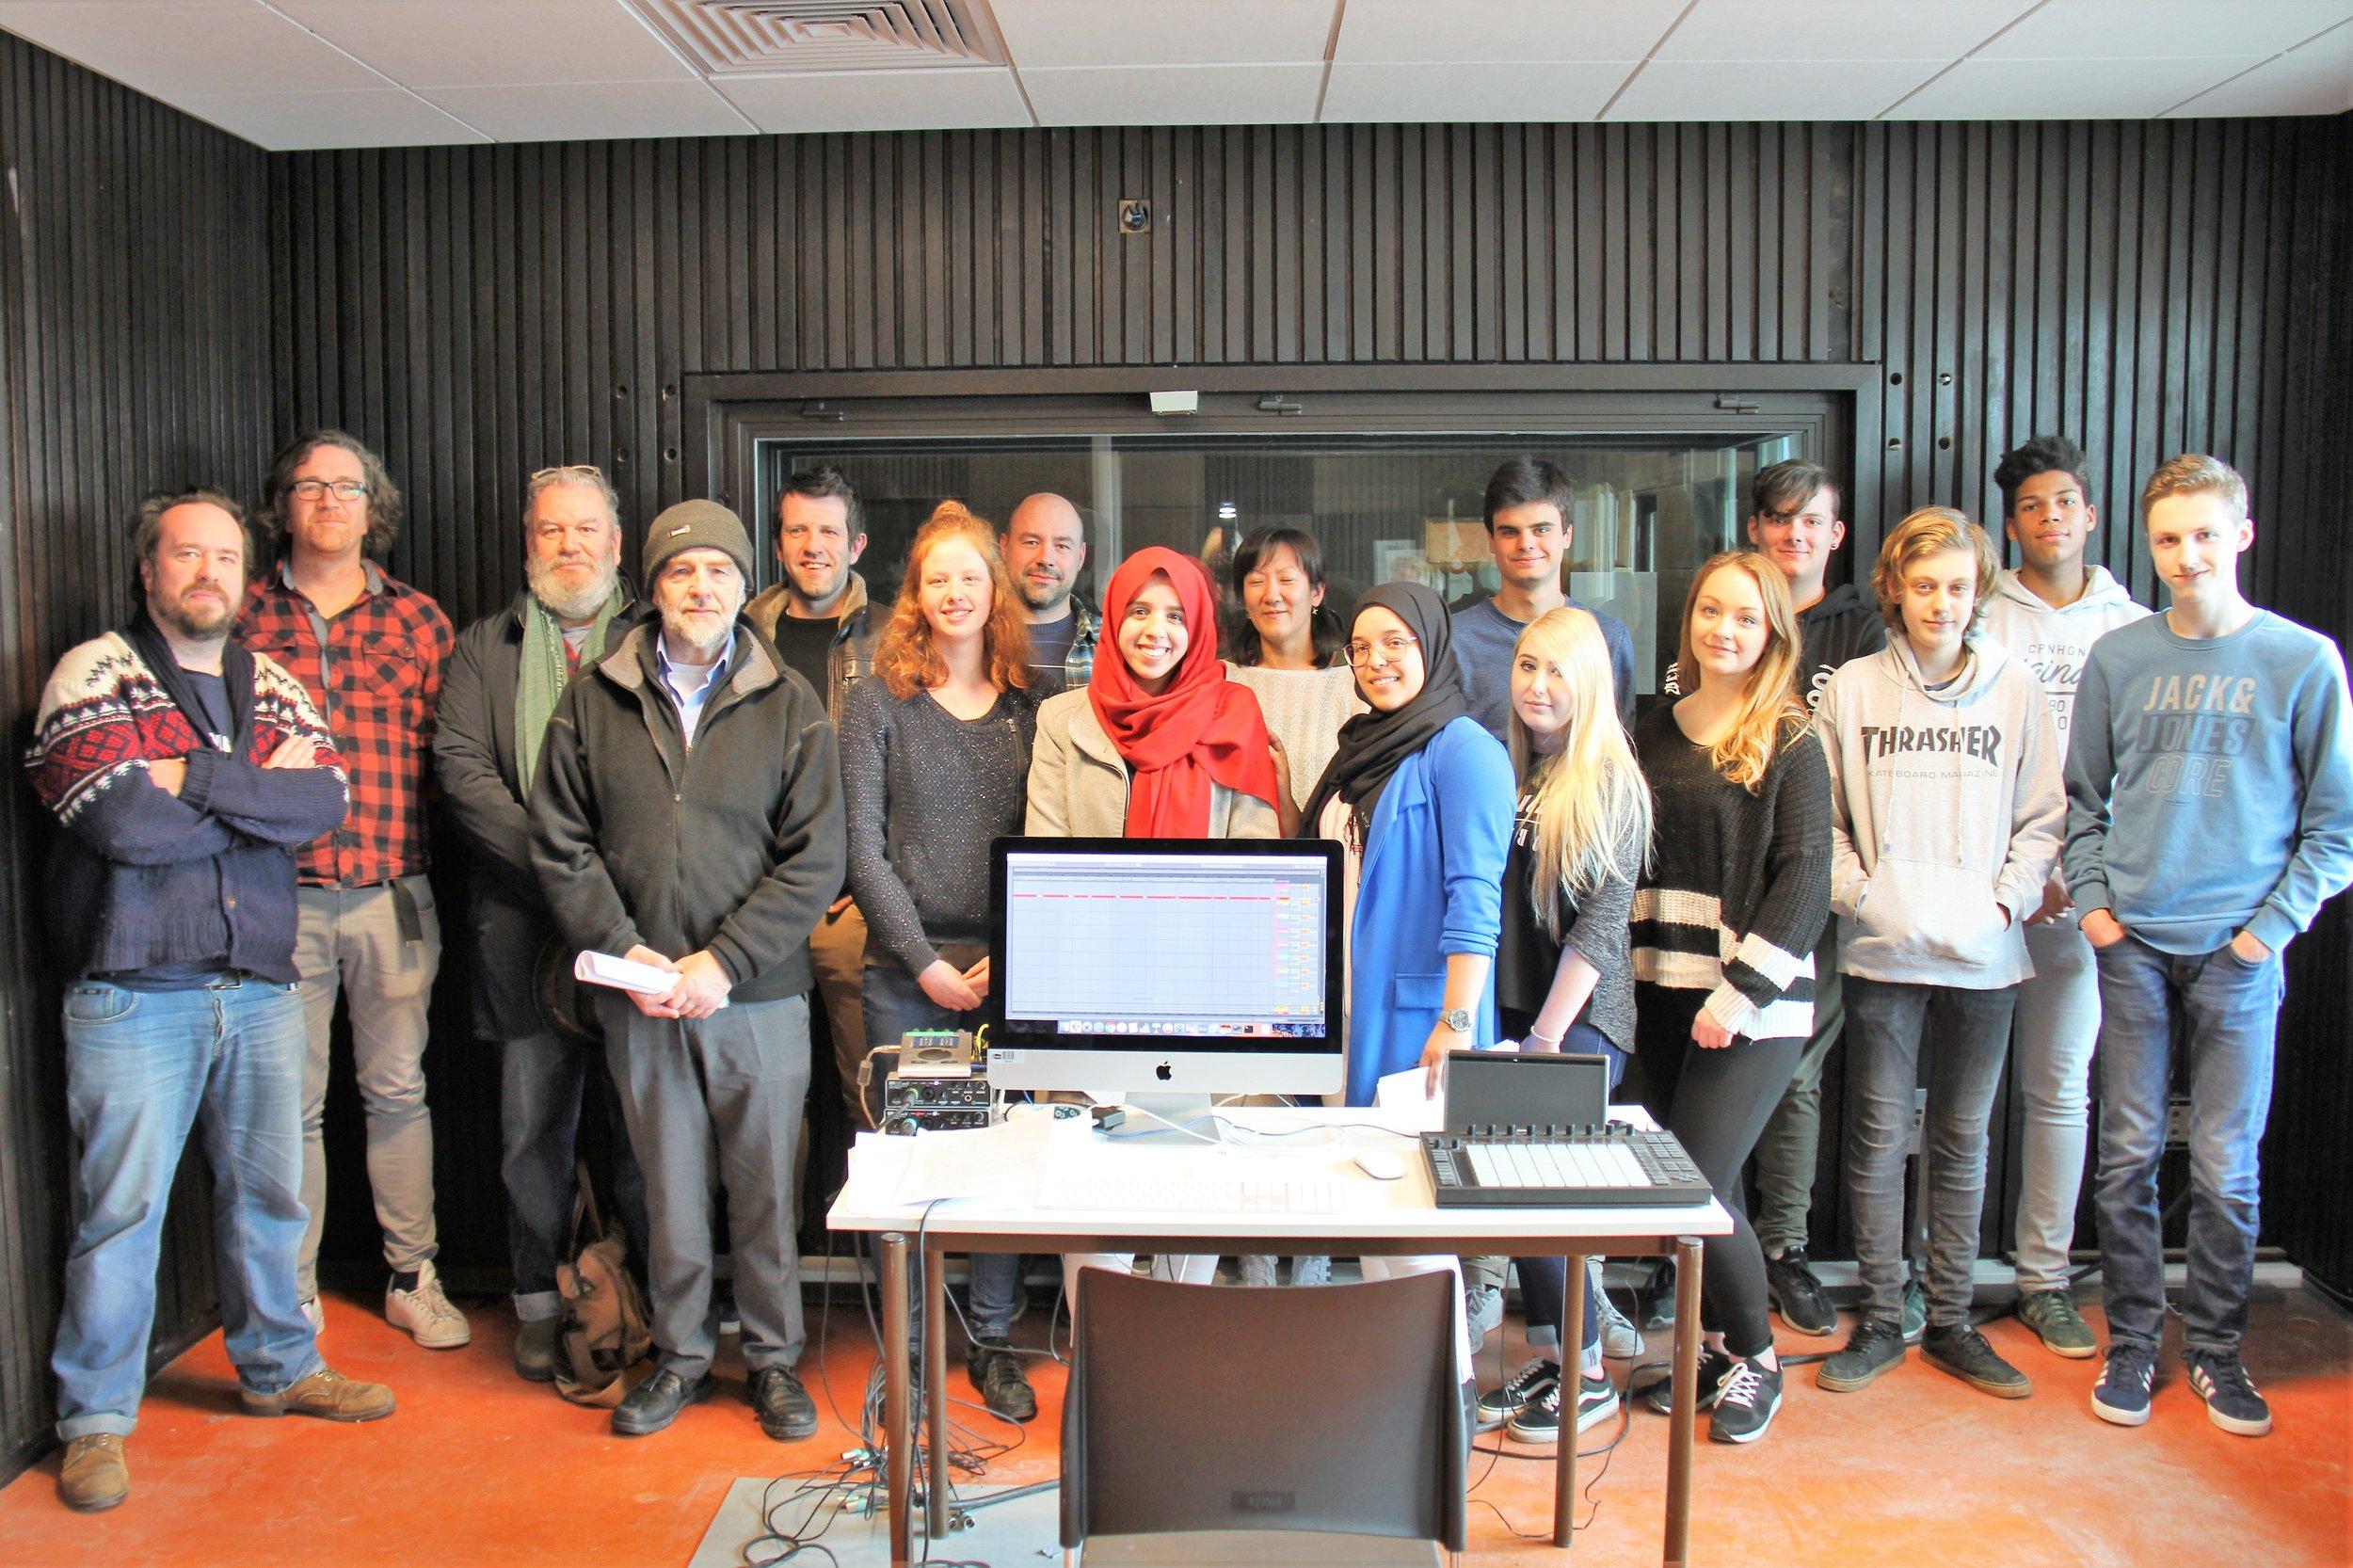 Leerlingen multimedia optie audio athena campus Heule, leerlingen Kinderzorg athena campus Drie Hofsteden samen met Iwein Segers, Martin De Jonghe, Wim Opbrouck en de begeleidende leerkrachten.